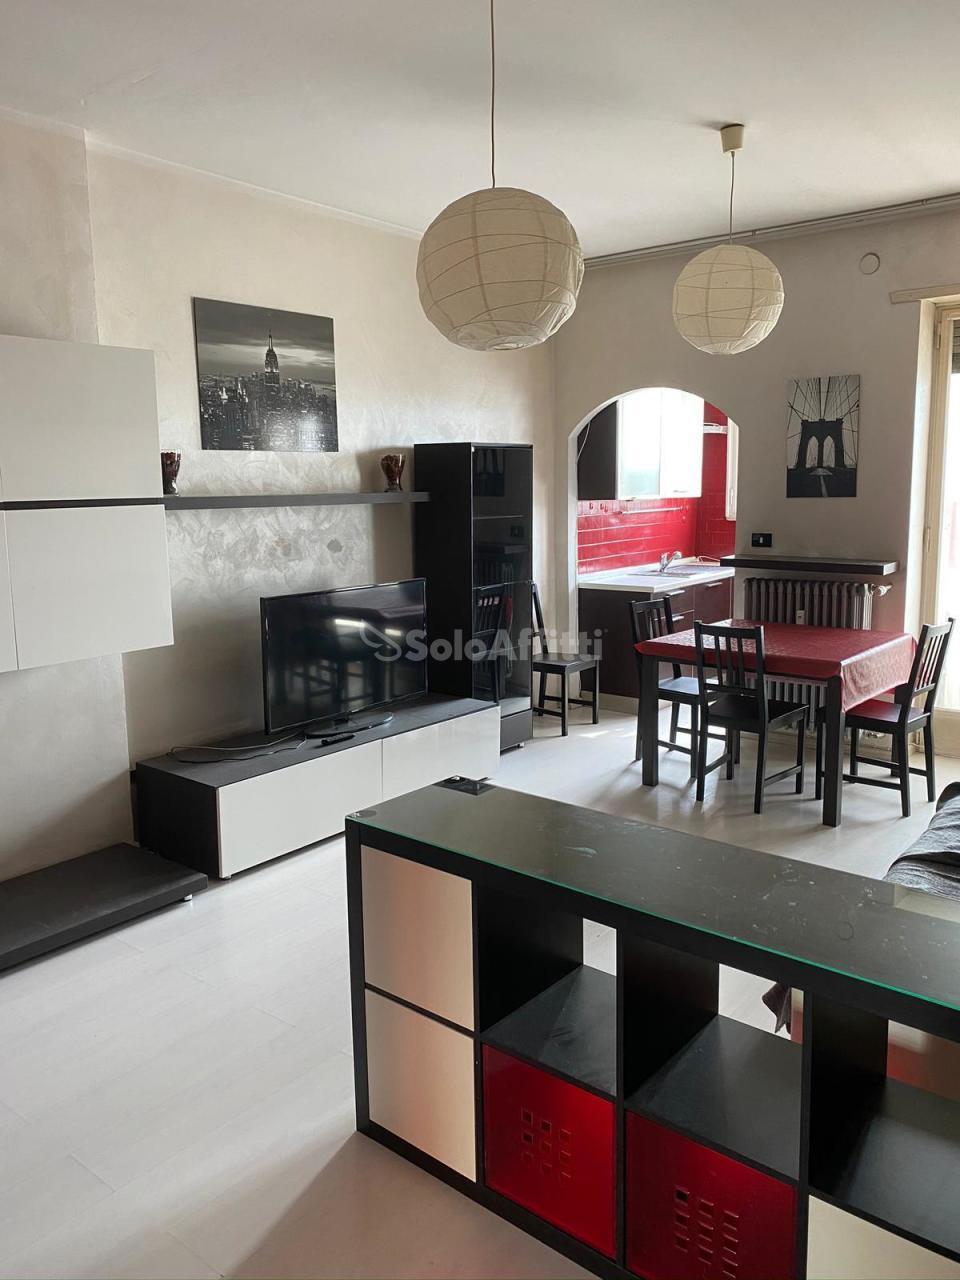 Appartamento in affitto a Vinovo, 2 locali, prezzo € 550   PortaleAgenzieImmobiliari.it